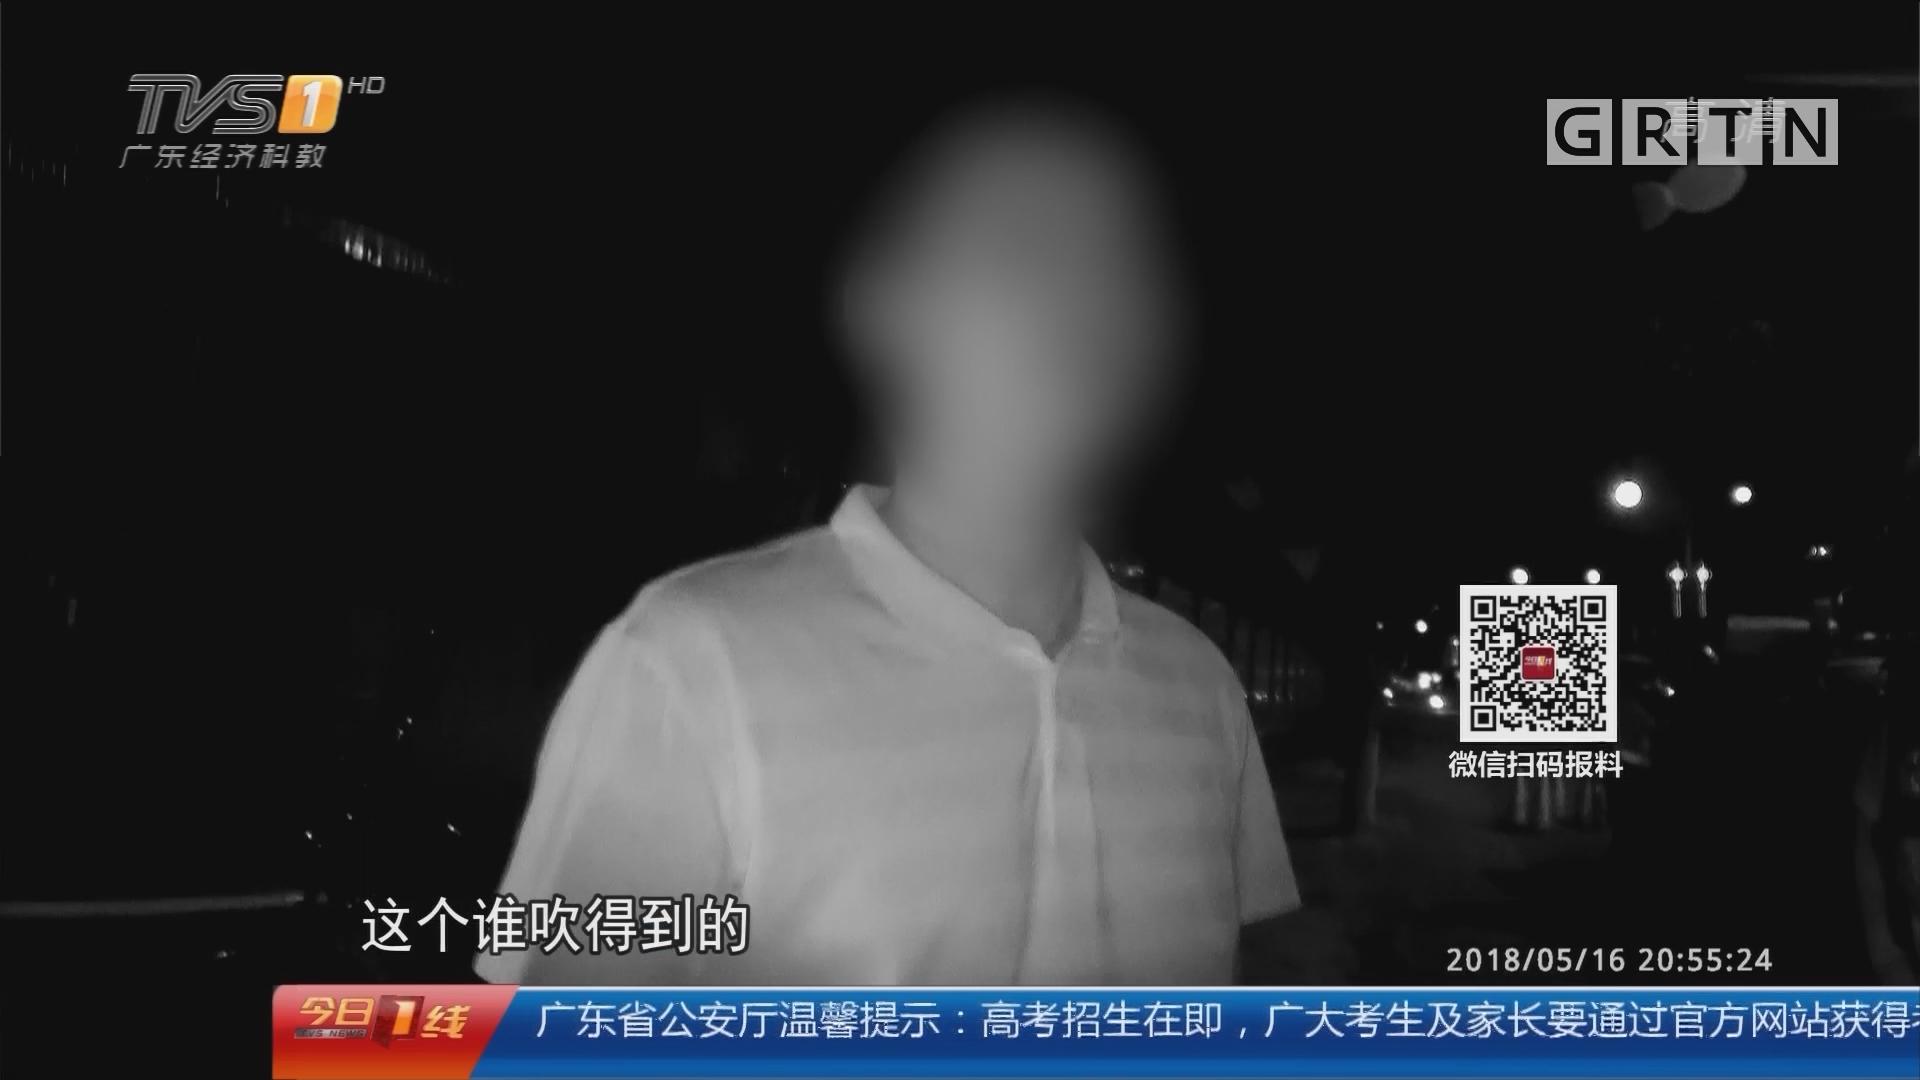 """珠海:无证驾驶还酒驾 化身""""影帝""""妄逃检查"""